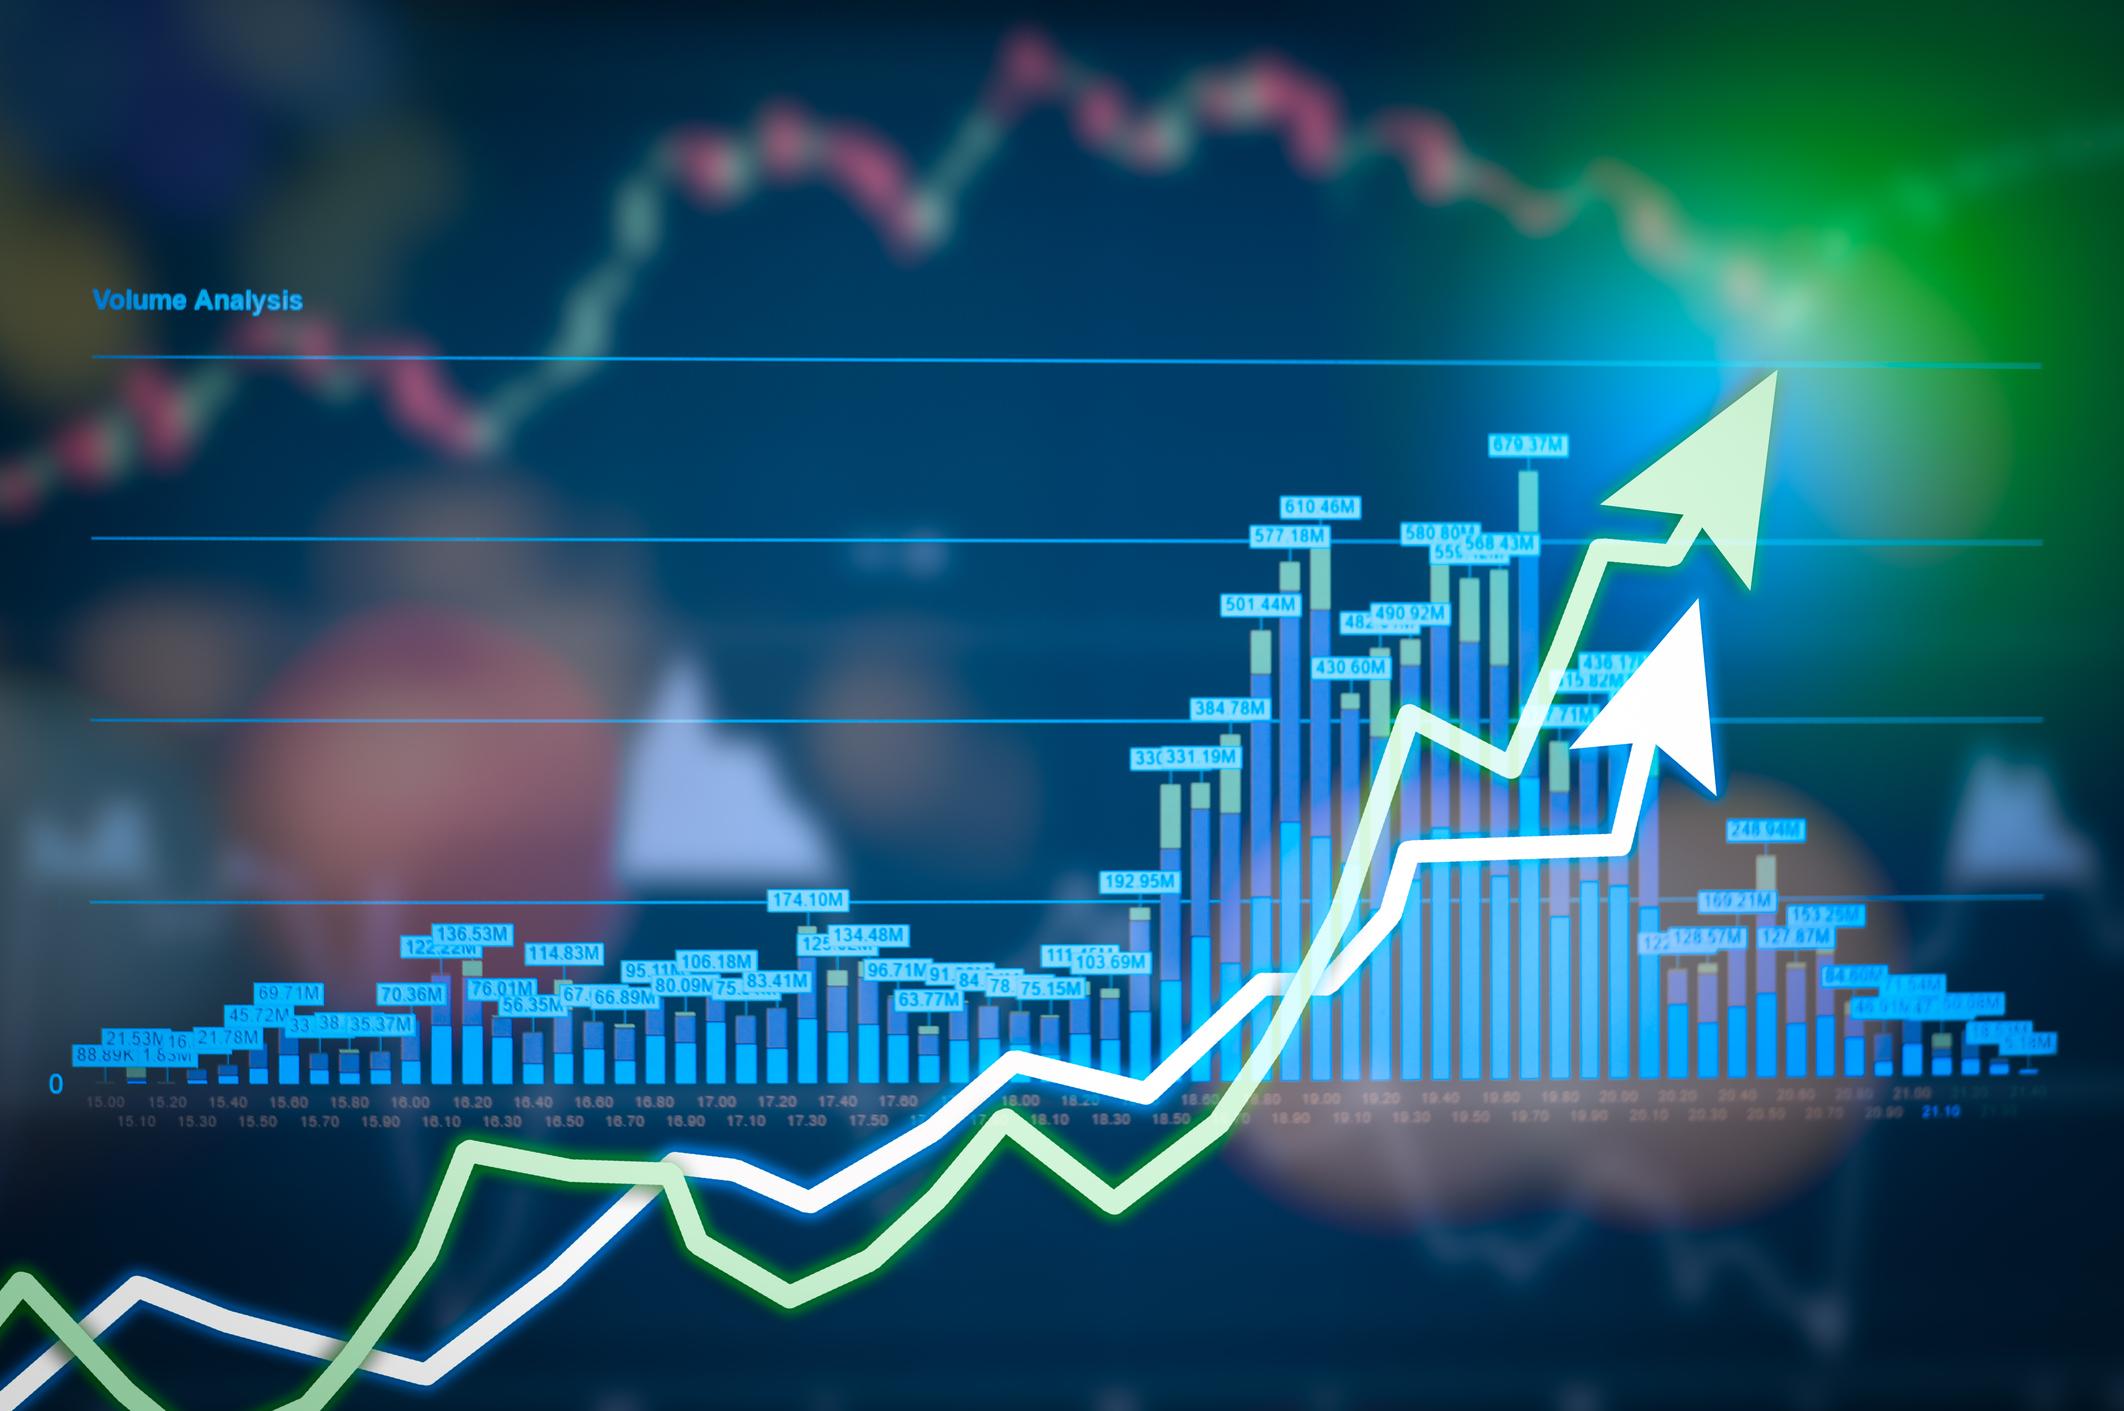 Stock market charts indicating steep gains.